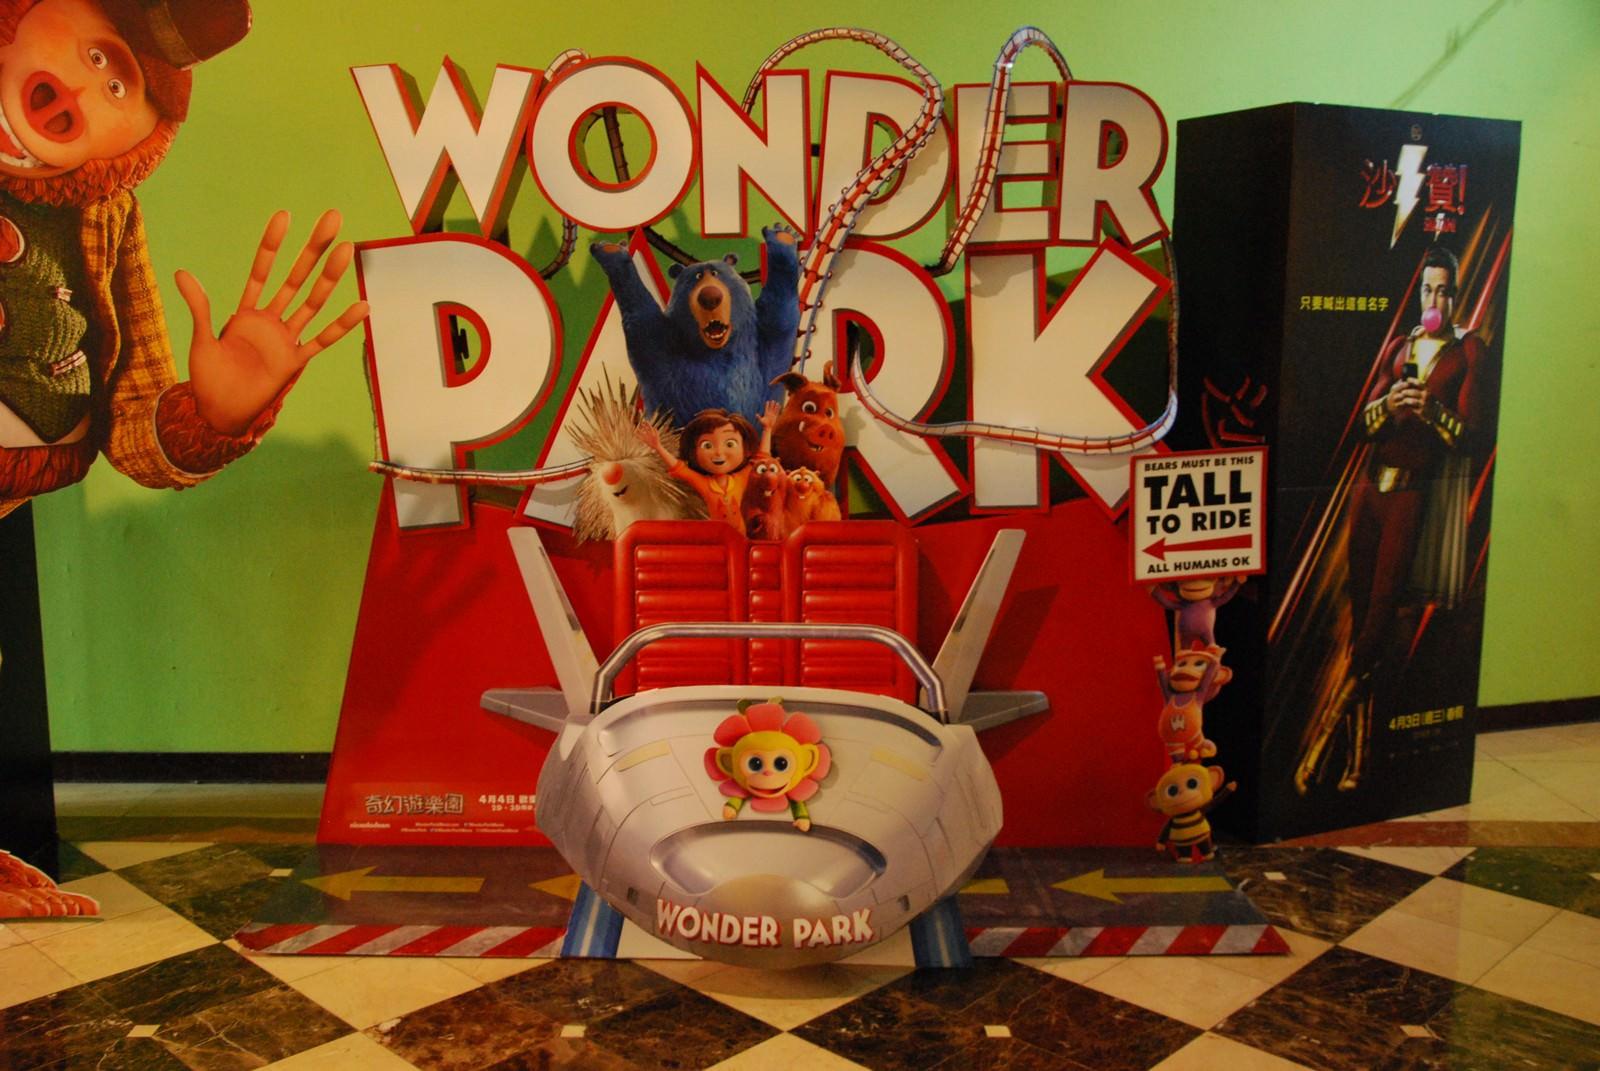 Movie, Wonder Park(美國, 2019年) / 奇幻遊樂園(台灣) / 神奇乐园历险记(中國) / 神奇夢樂園(香港), 廣告看板, 哈啦影城